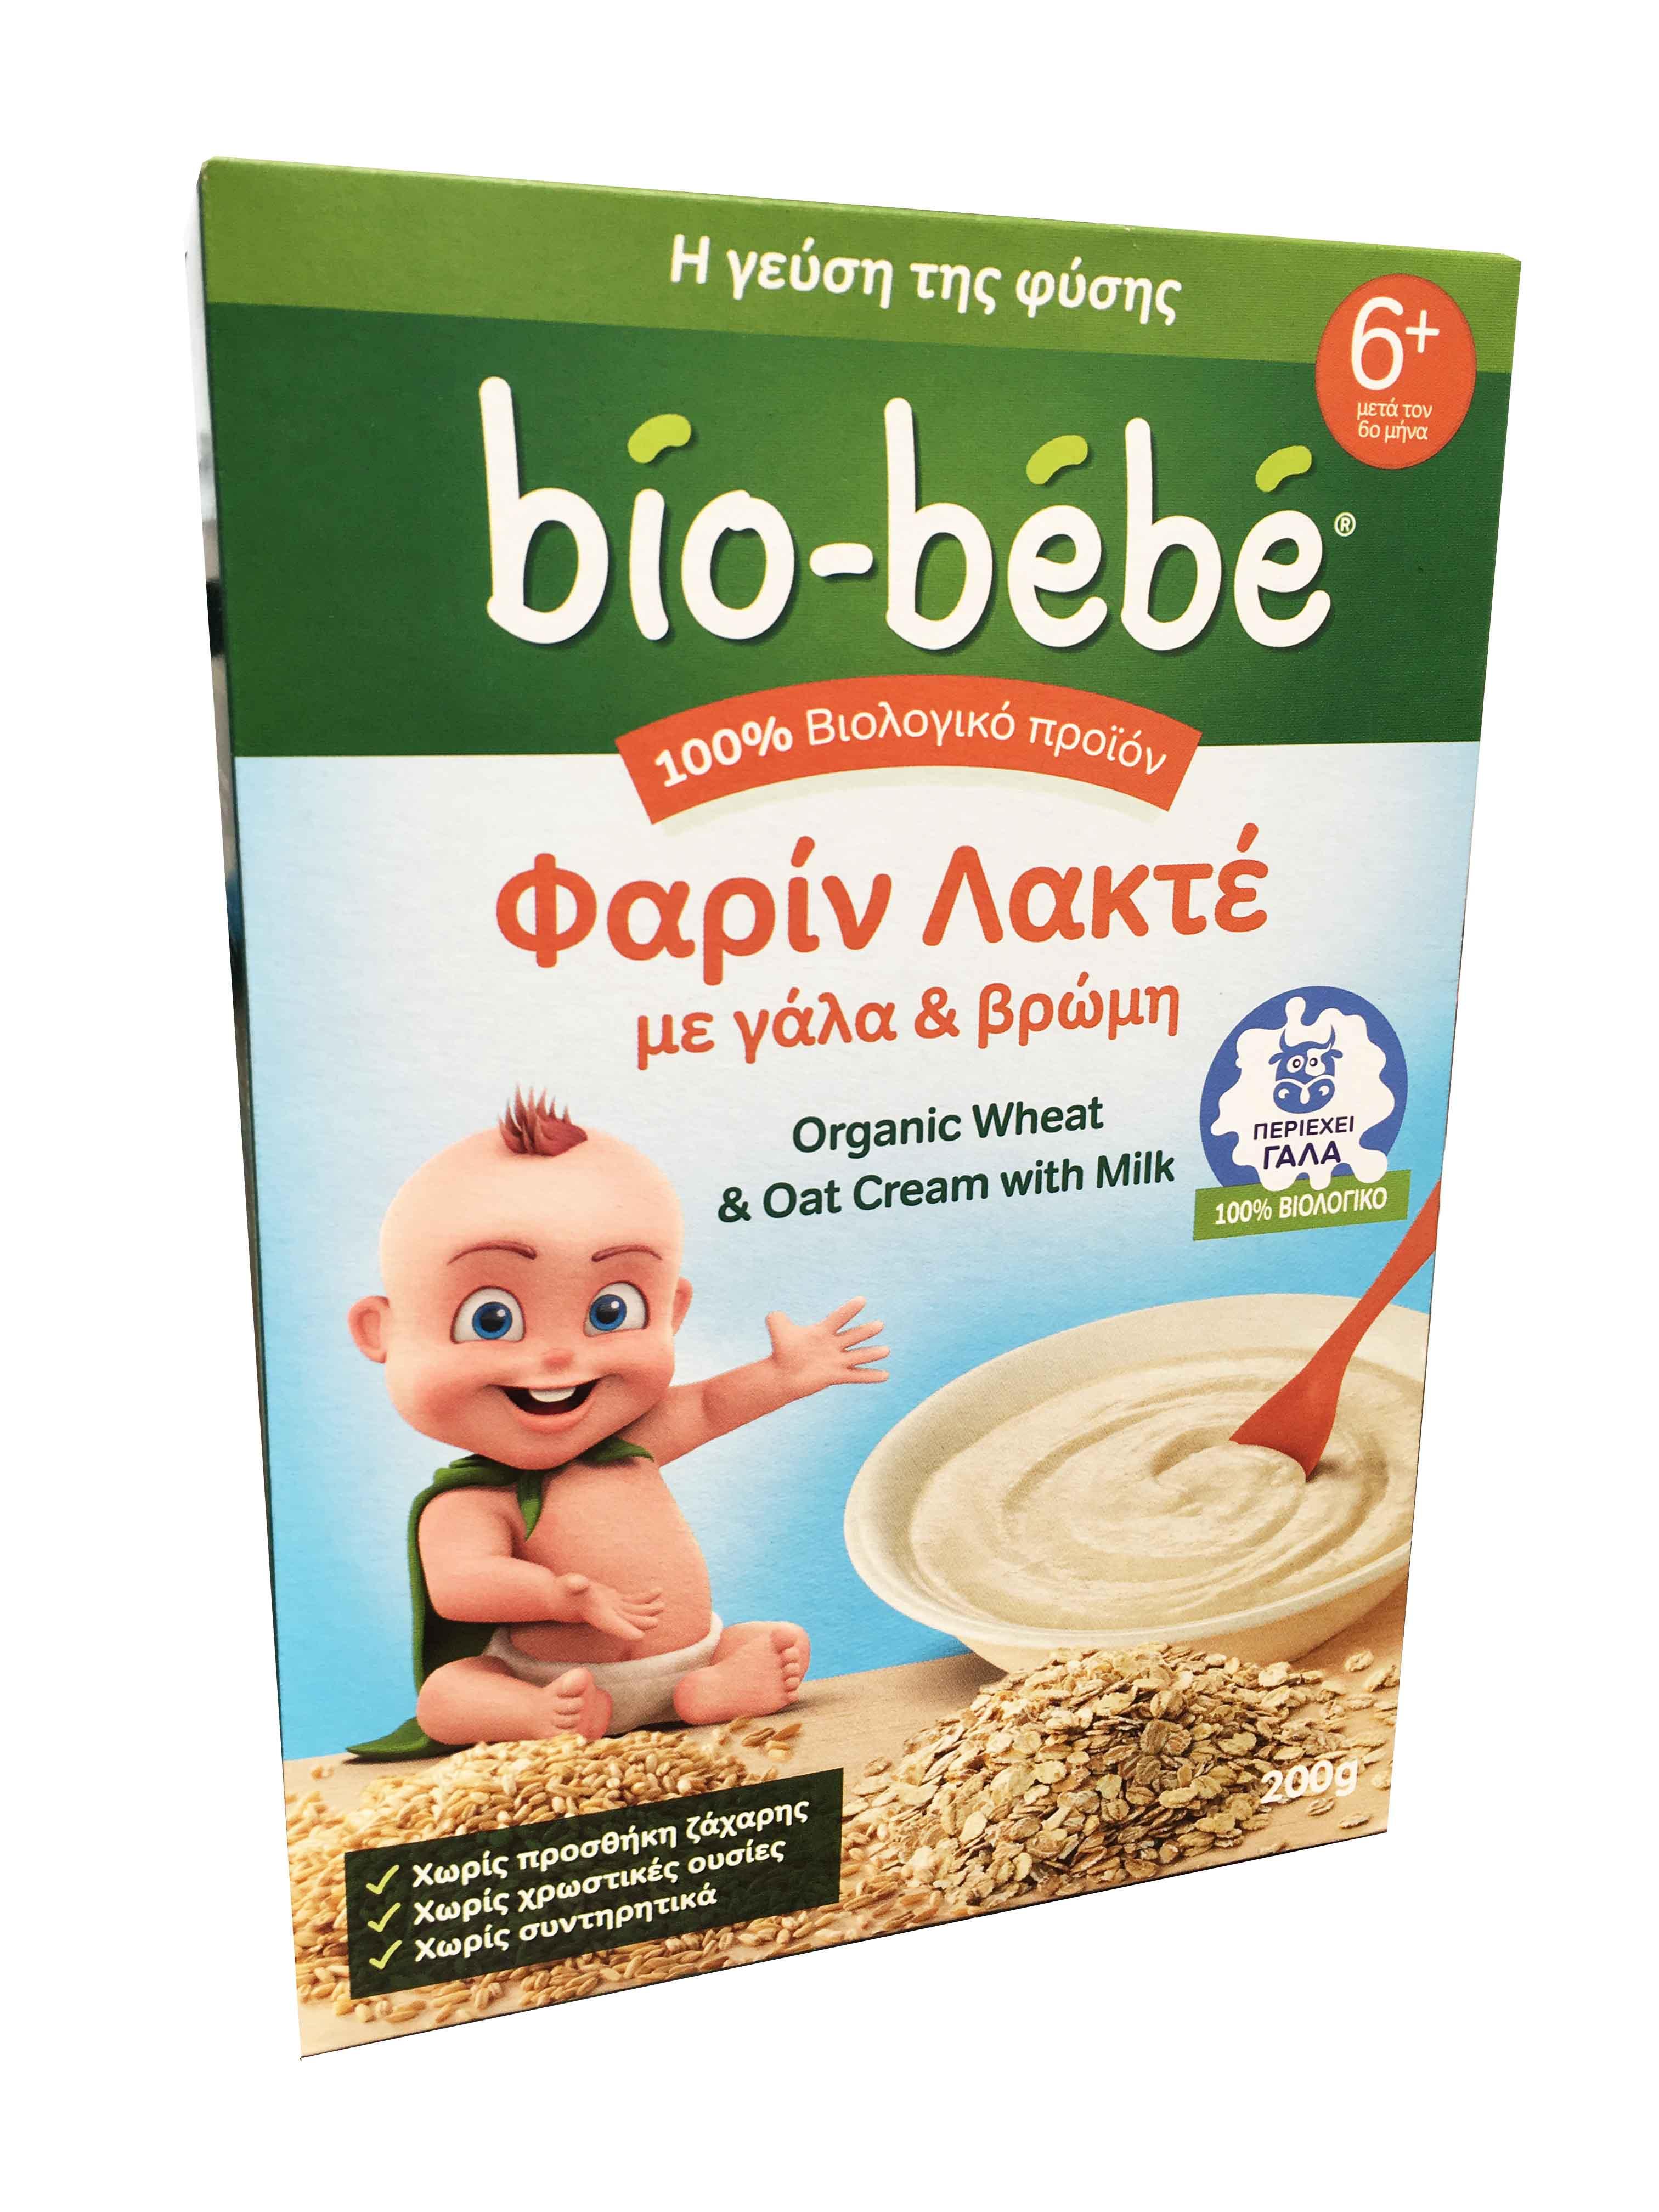 Bio Bebe Φαρίν Λακτέ με Γάλα & Βρώμη 6m+ Βιολογικής Καλλιέργειας, 200gr